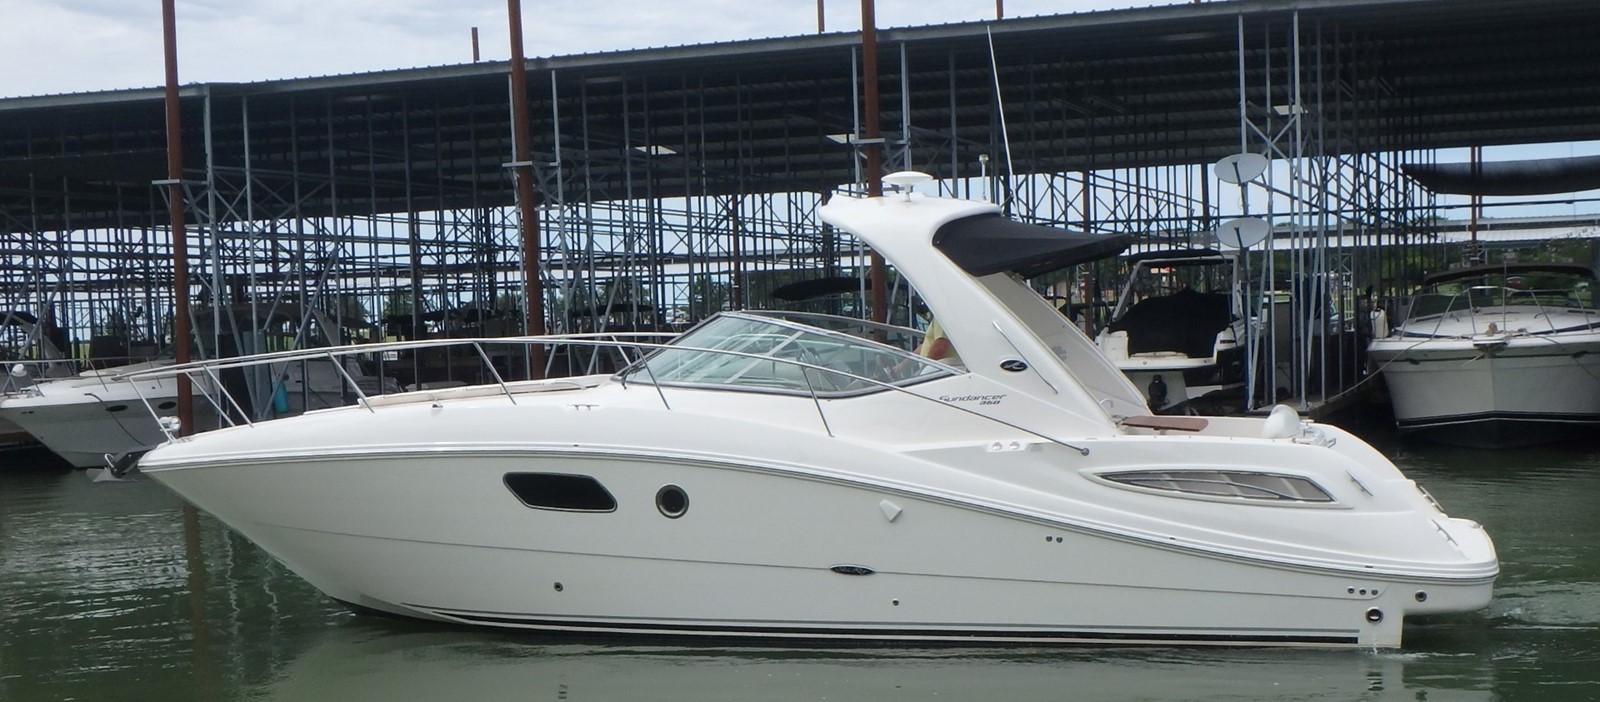 2011 SEA RAY 350 Sundancer Cruiser 1792857